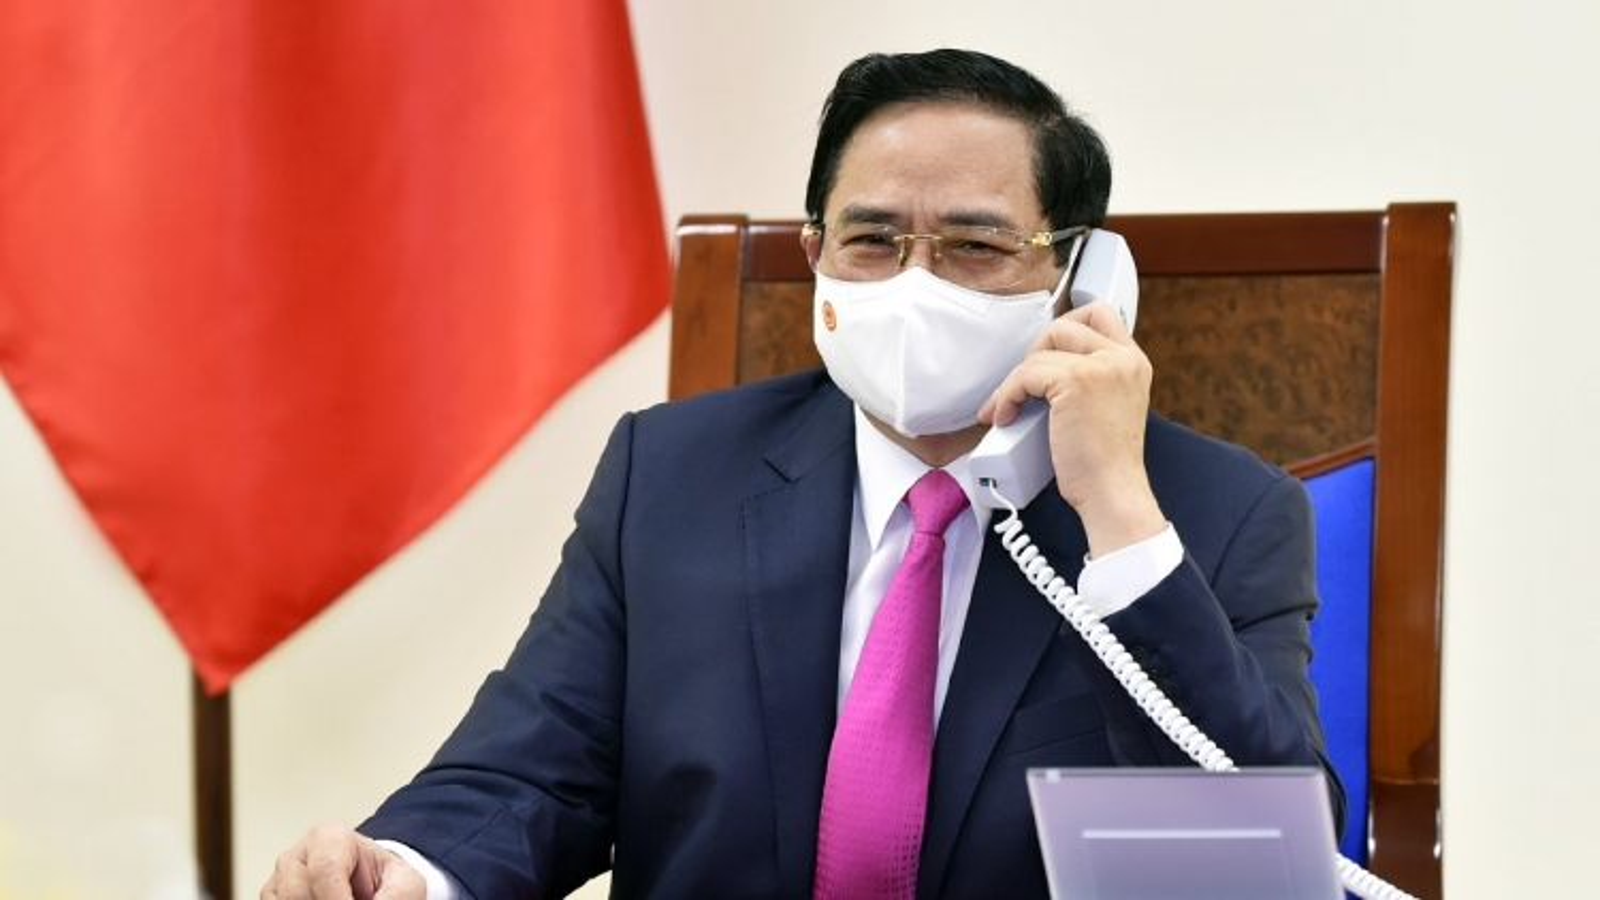 Thủ tướng Chính phủ Phạm Minh Chính điện đàmvớiThủ tướng Nhật Bản Suga Yoshihide